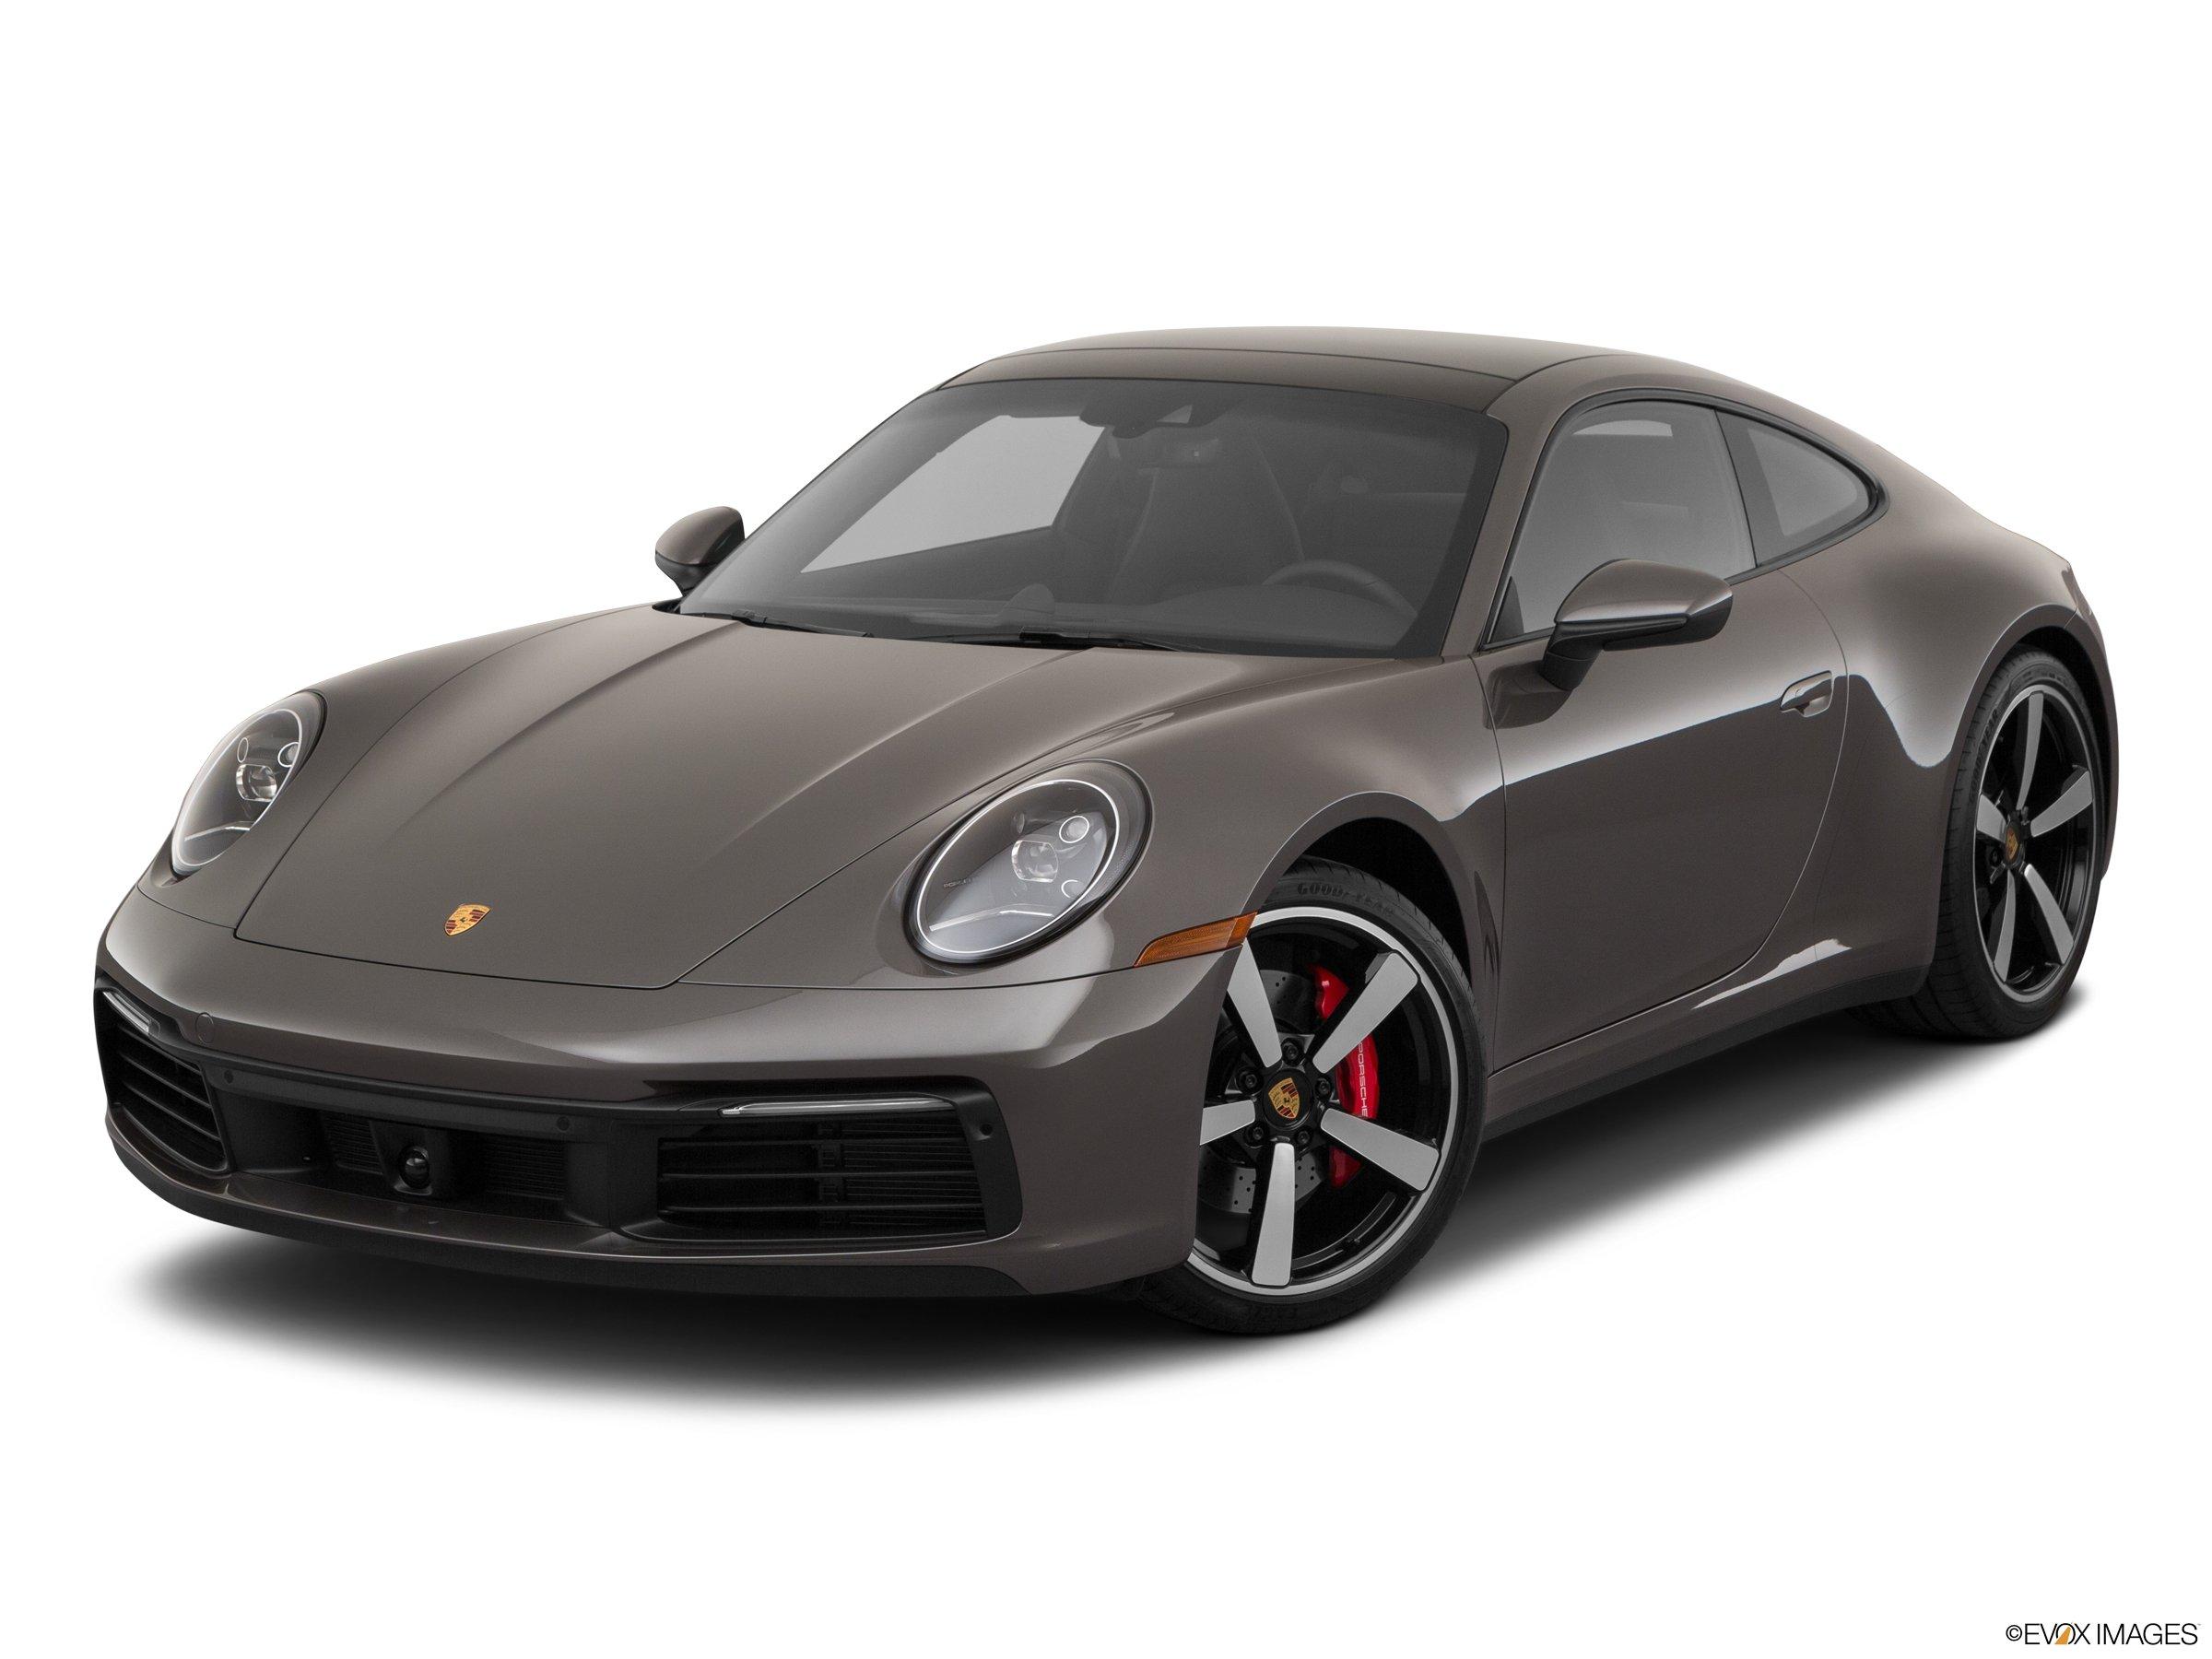 2020 Porsche 911 Carrera S RWD coupe